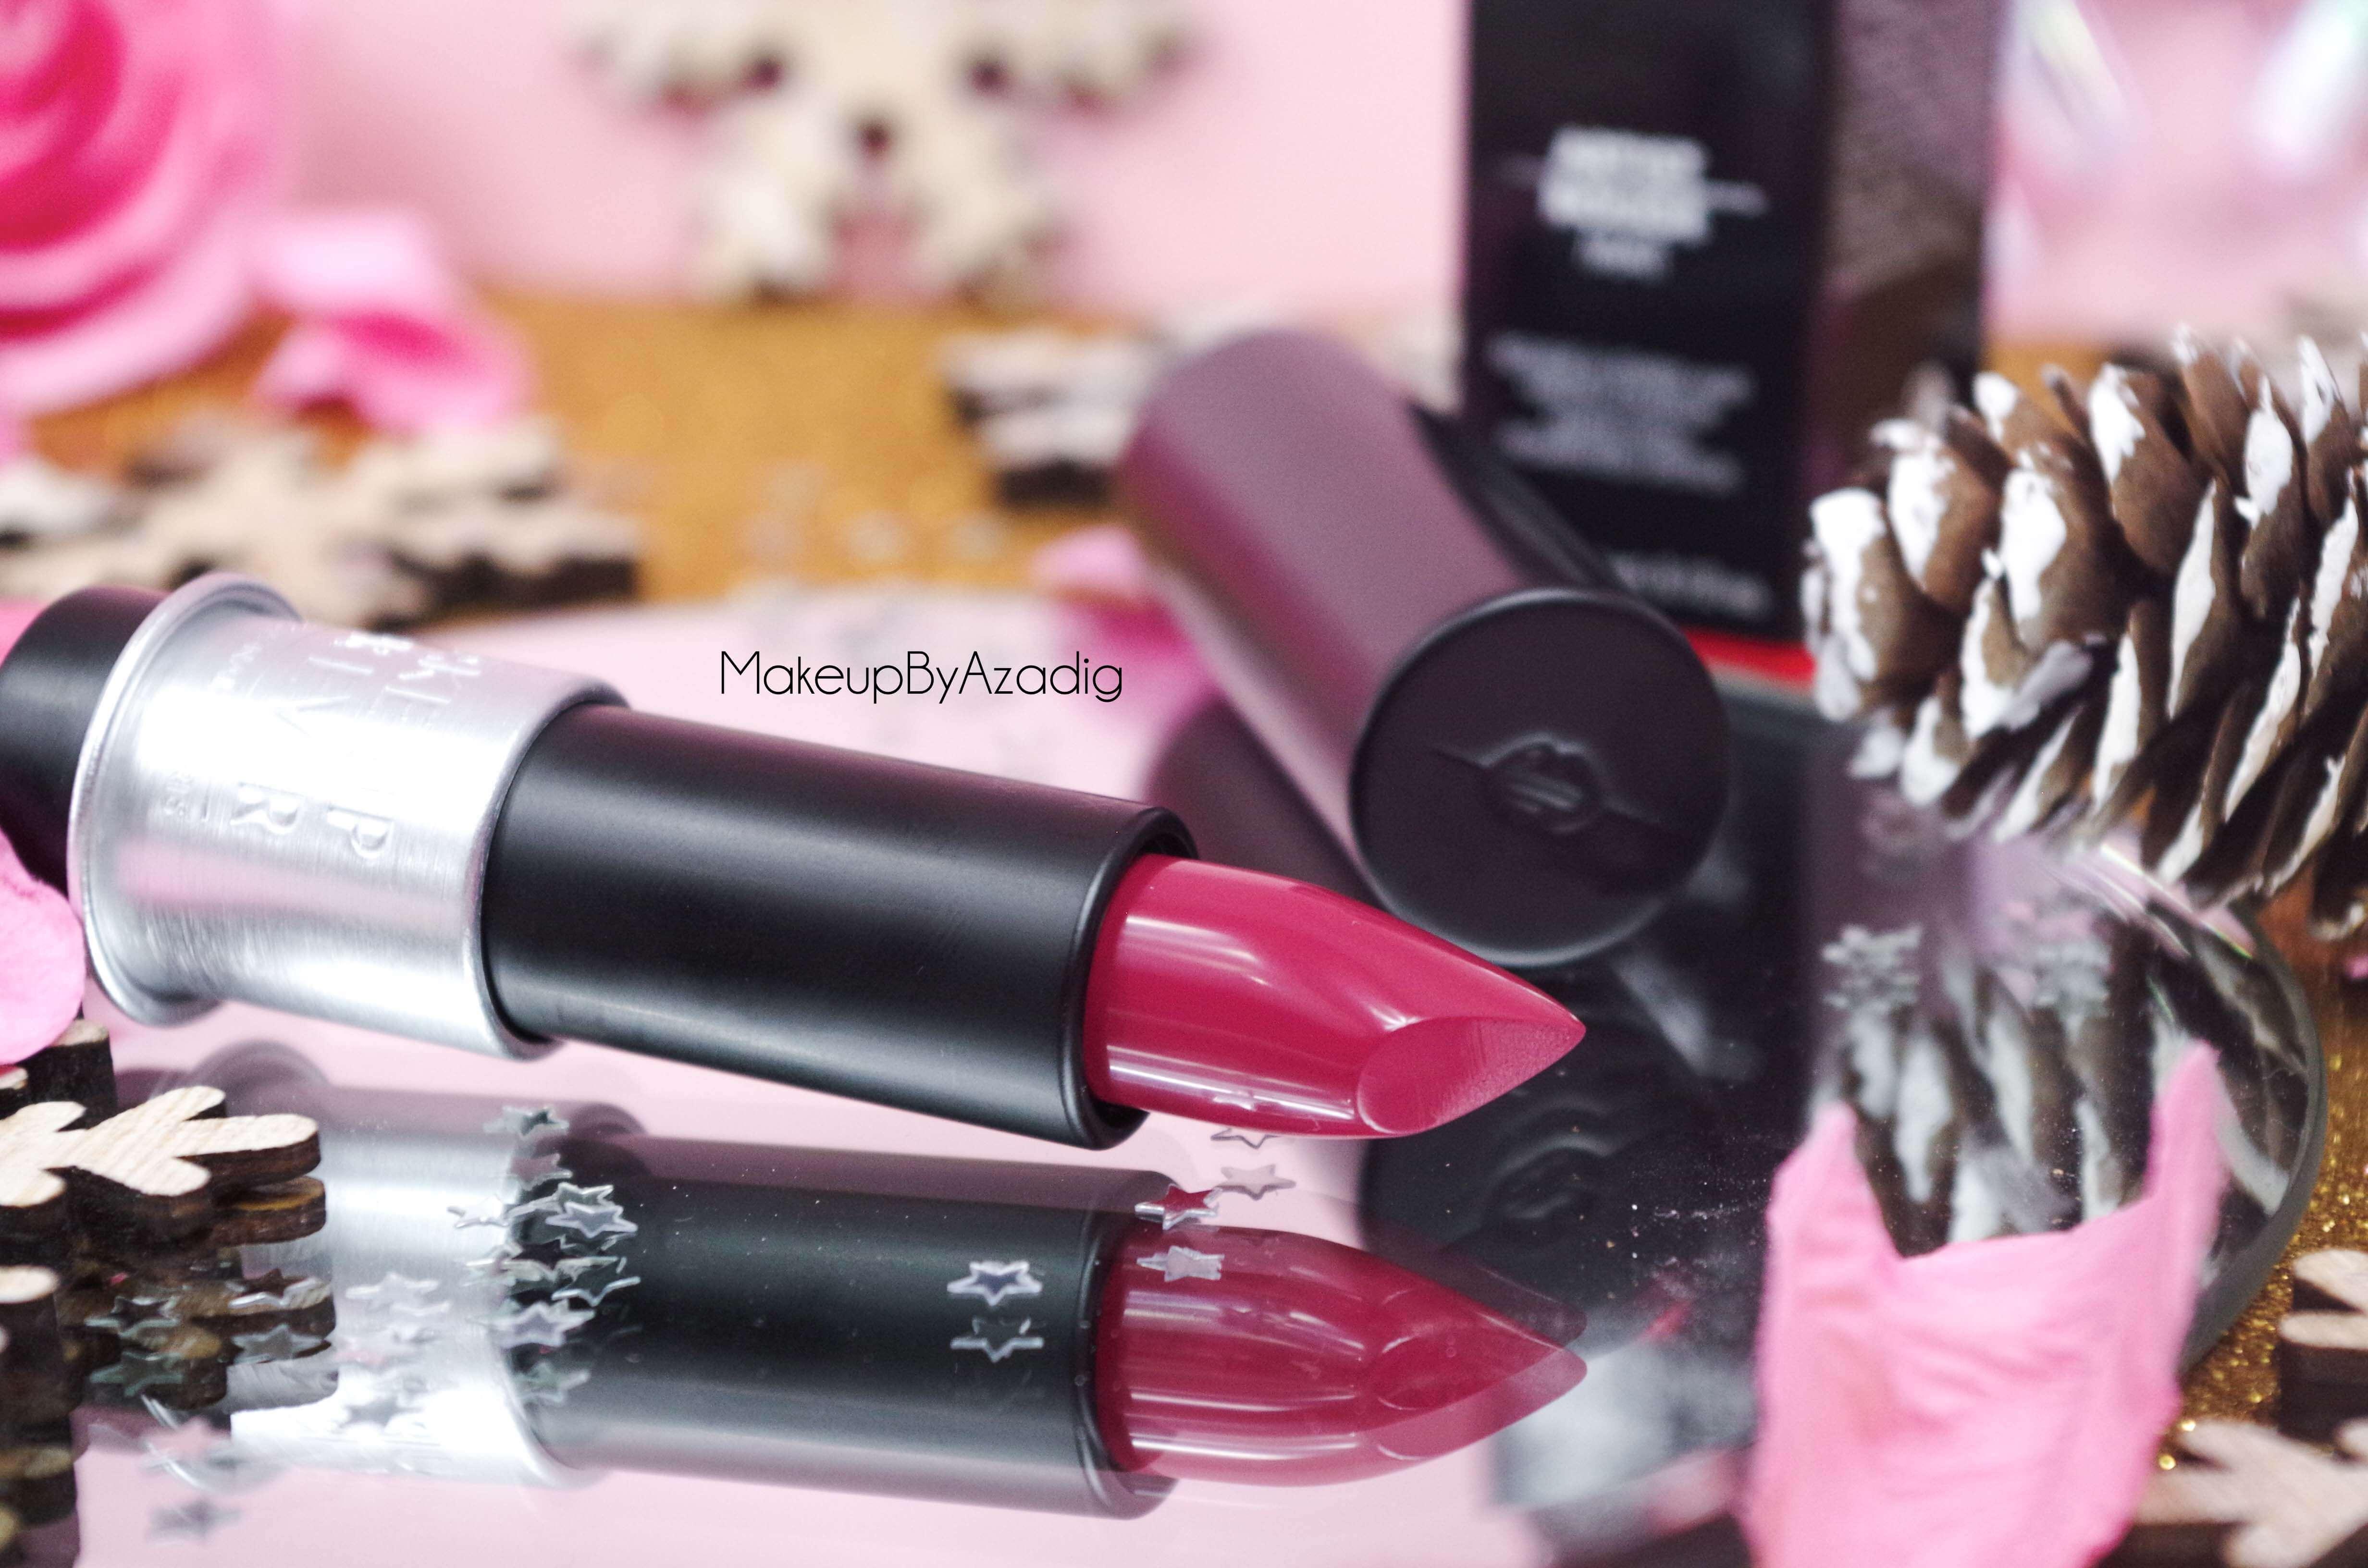 revue-artist-rouge-makeup-for-ever-rouge-levres-mat-sephora-prix-avis-review-m102-makeupbyazadig-rose